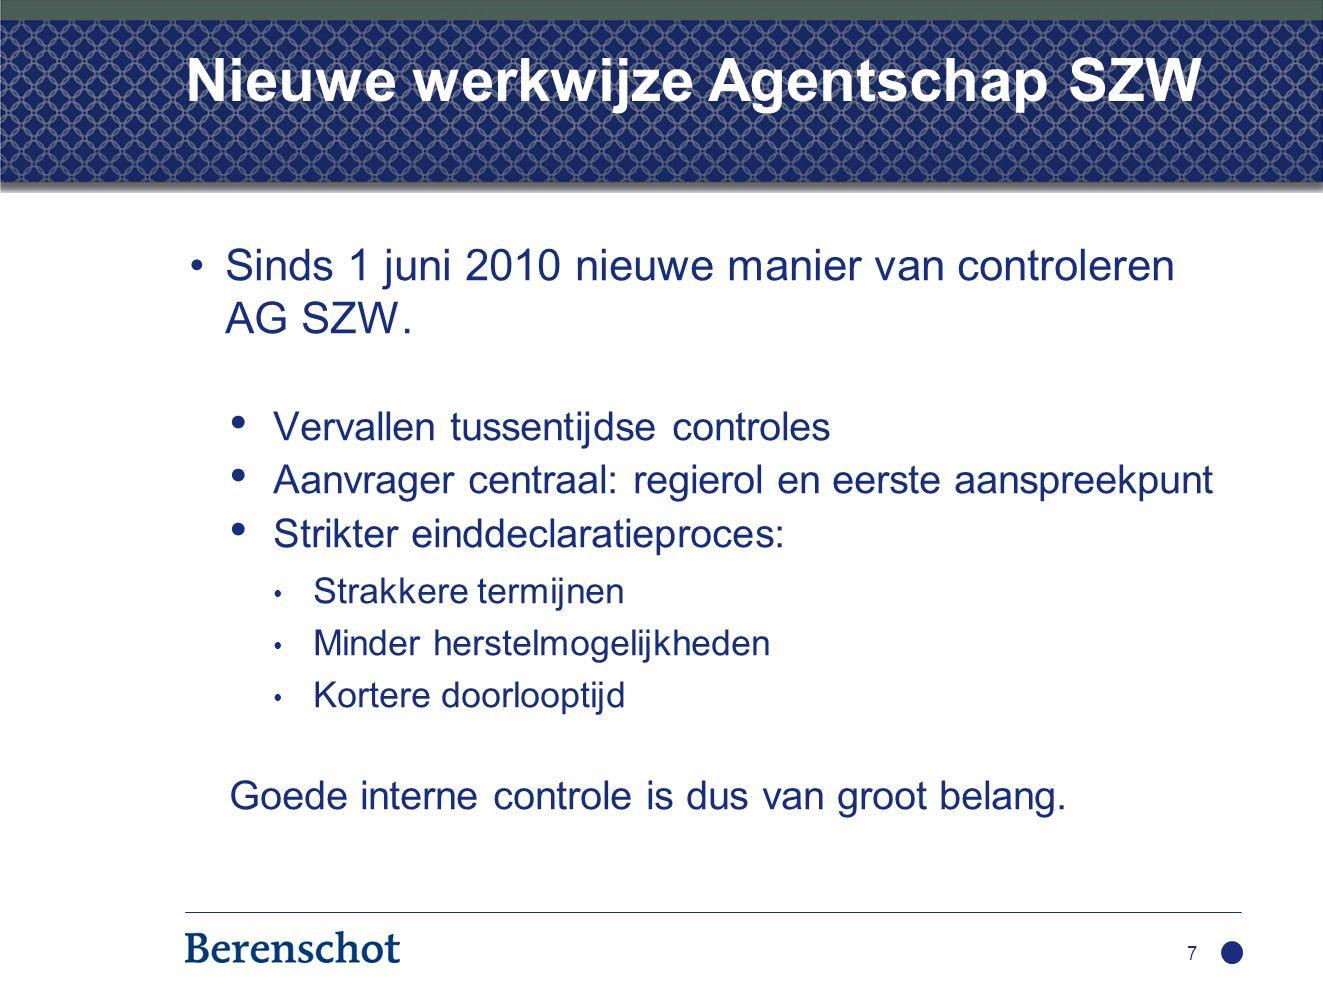 Nieuwe werkwijze Agentschap SZW Sinds 1 juni 2010 nieuwe manier van controleren AG SZW. Vervallen tussentijdse controles Aanvrager centraal: regierol